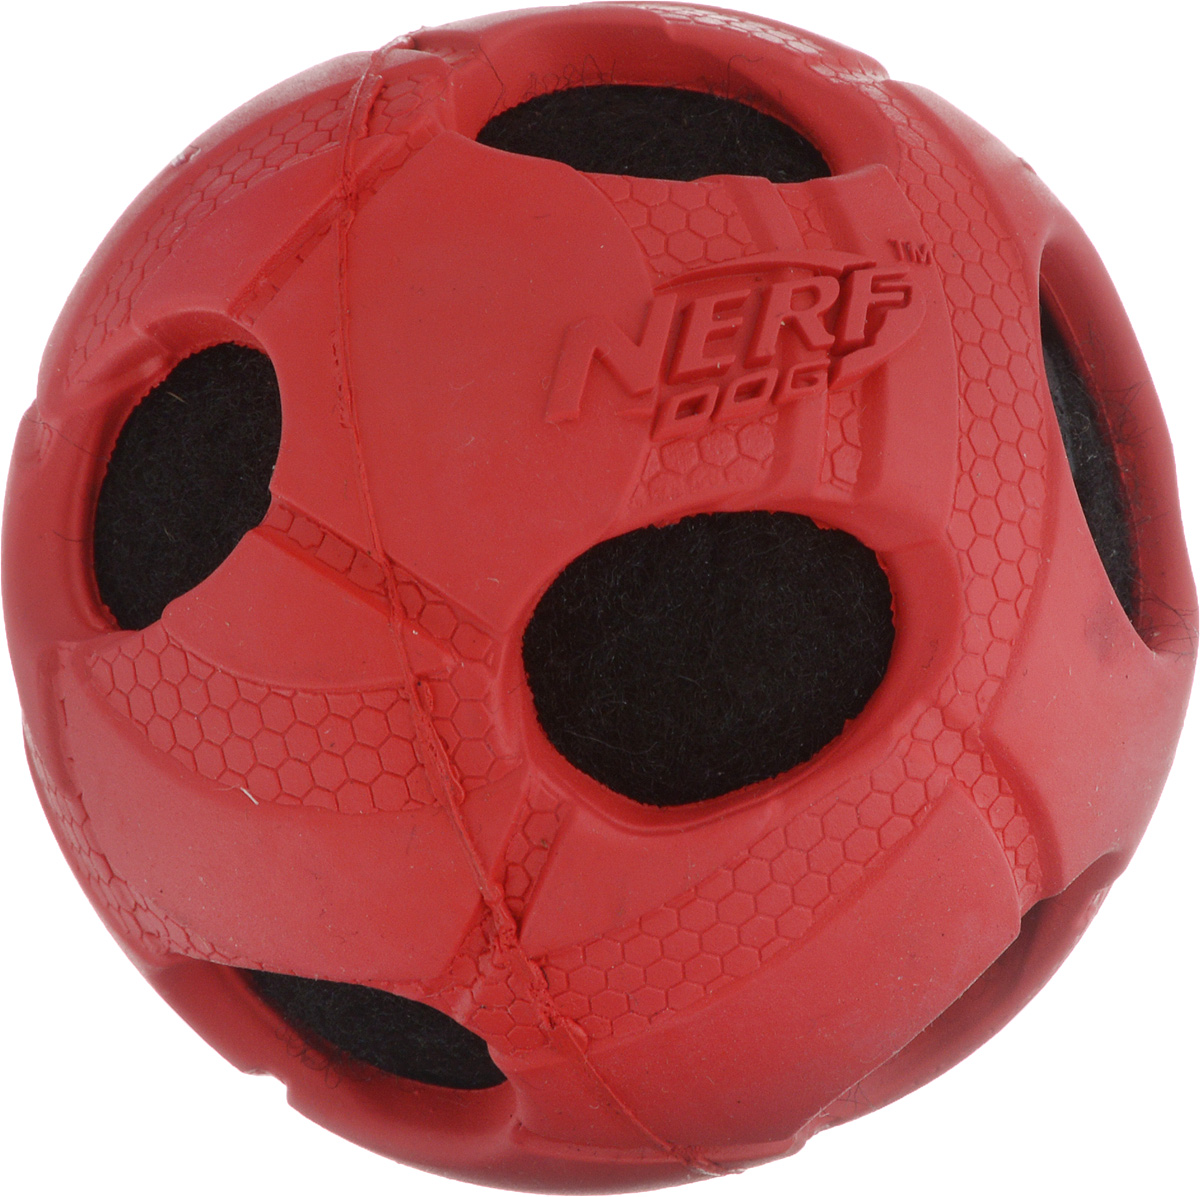 Игрушка для собак Nerf Мяч с отверстиями, диаметр 7,5 см603Игрушка для собак Nerf Мяч с отверстиями выполнена из прочной резины с теннисным мячом внутри. Такая игрушка порадует вашего любимца, а вам доставит массу приятных эмоций, ведь наблюдать за игрой всегда интересно и приятно. Диаметр игрушки: 7,5 см.